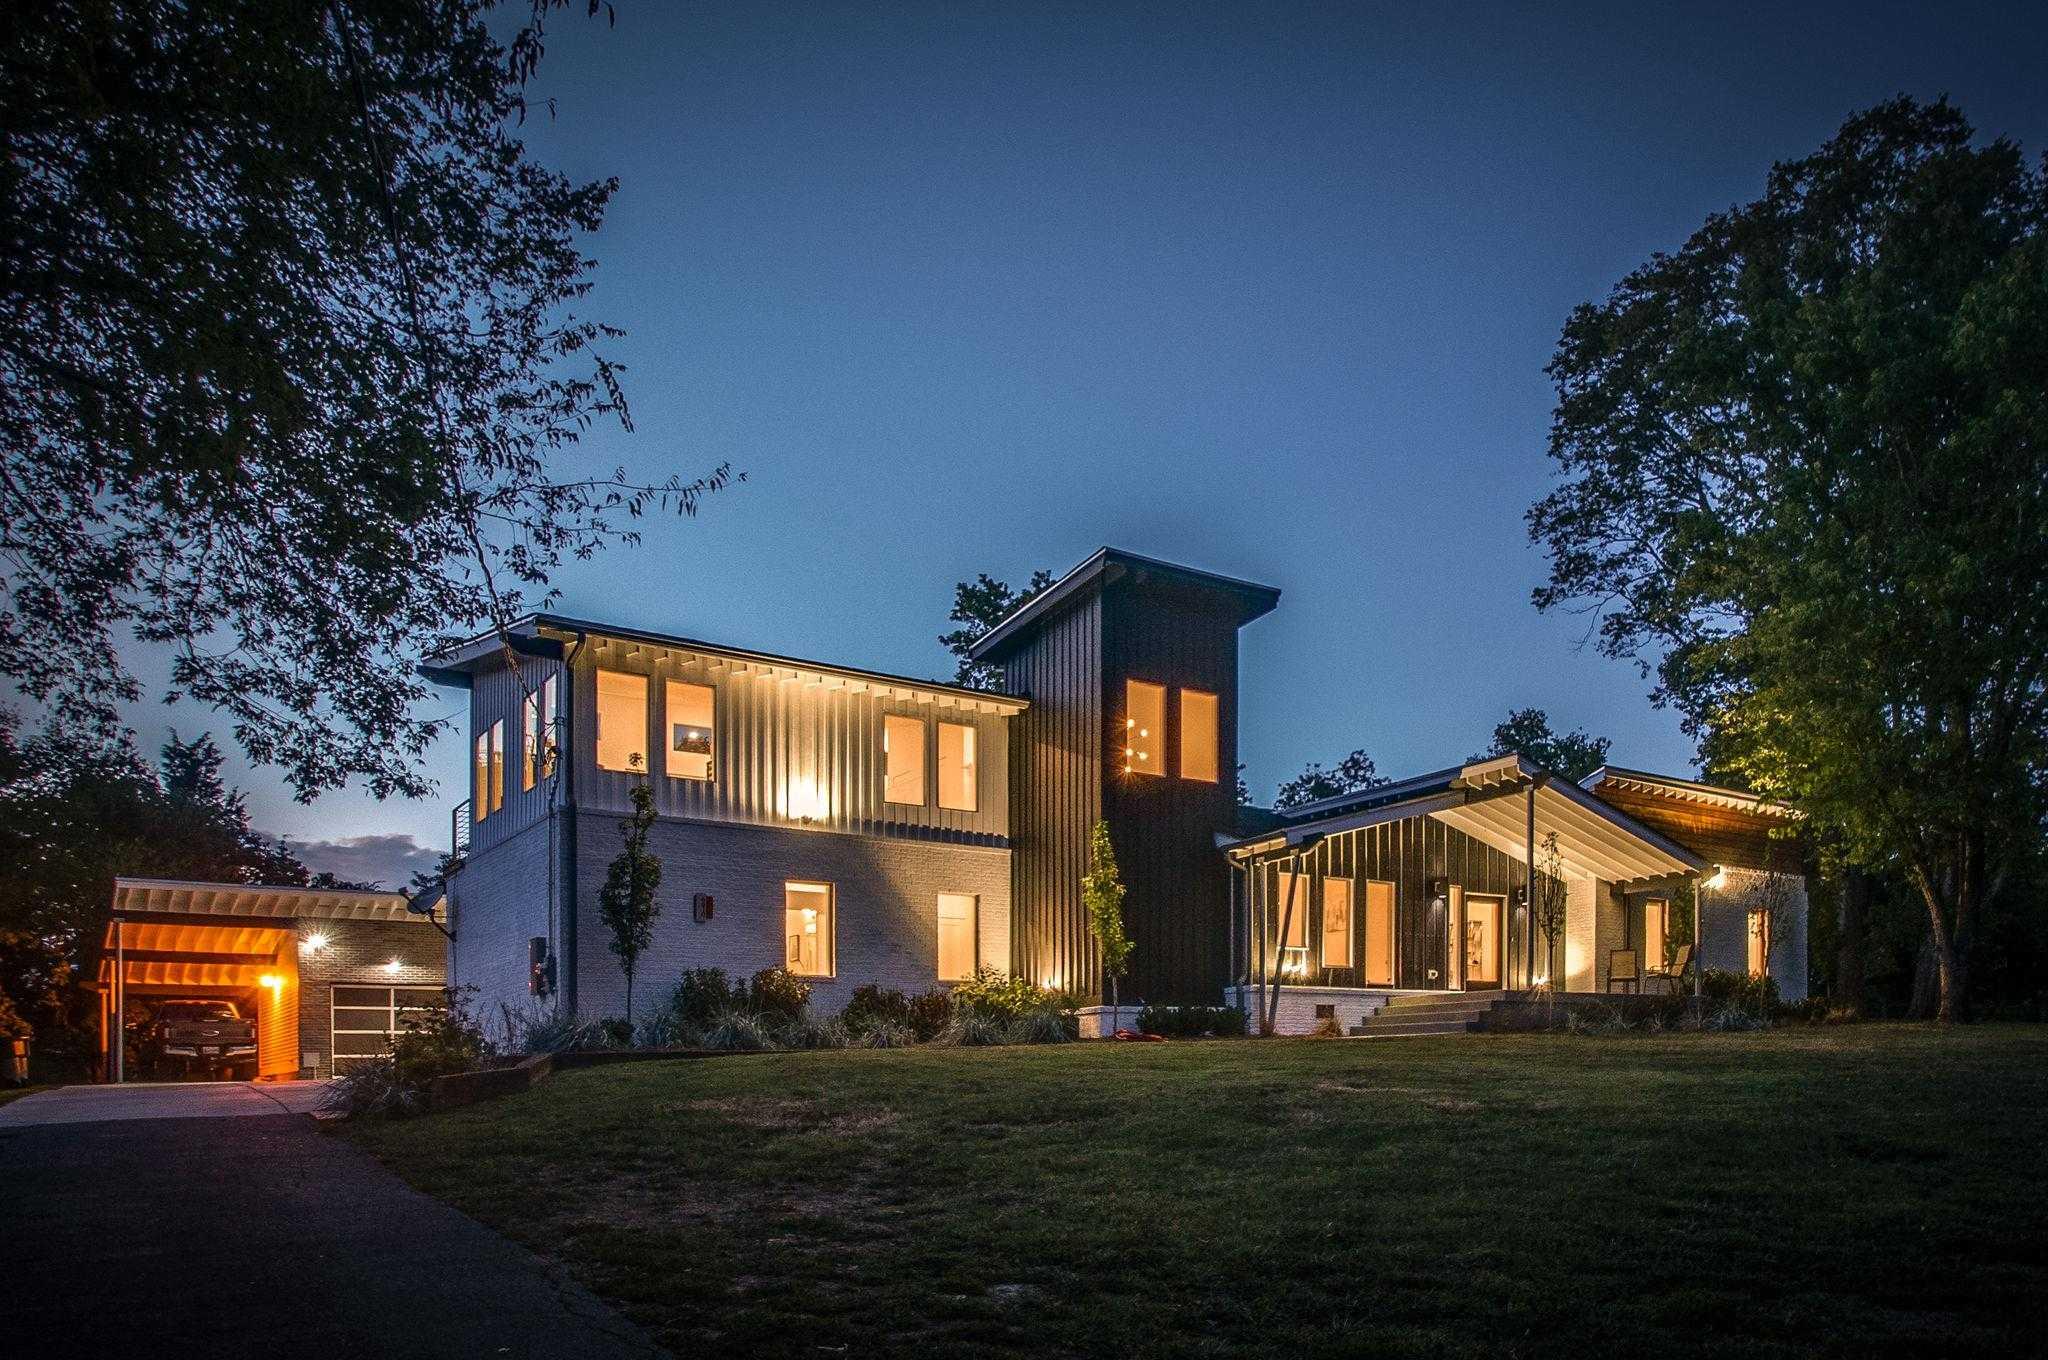 $1,295,000 - 4Br/4Ba -  for Sale in West Meade, Nashville